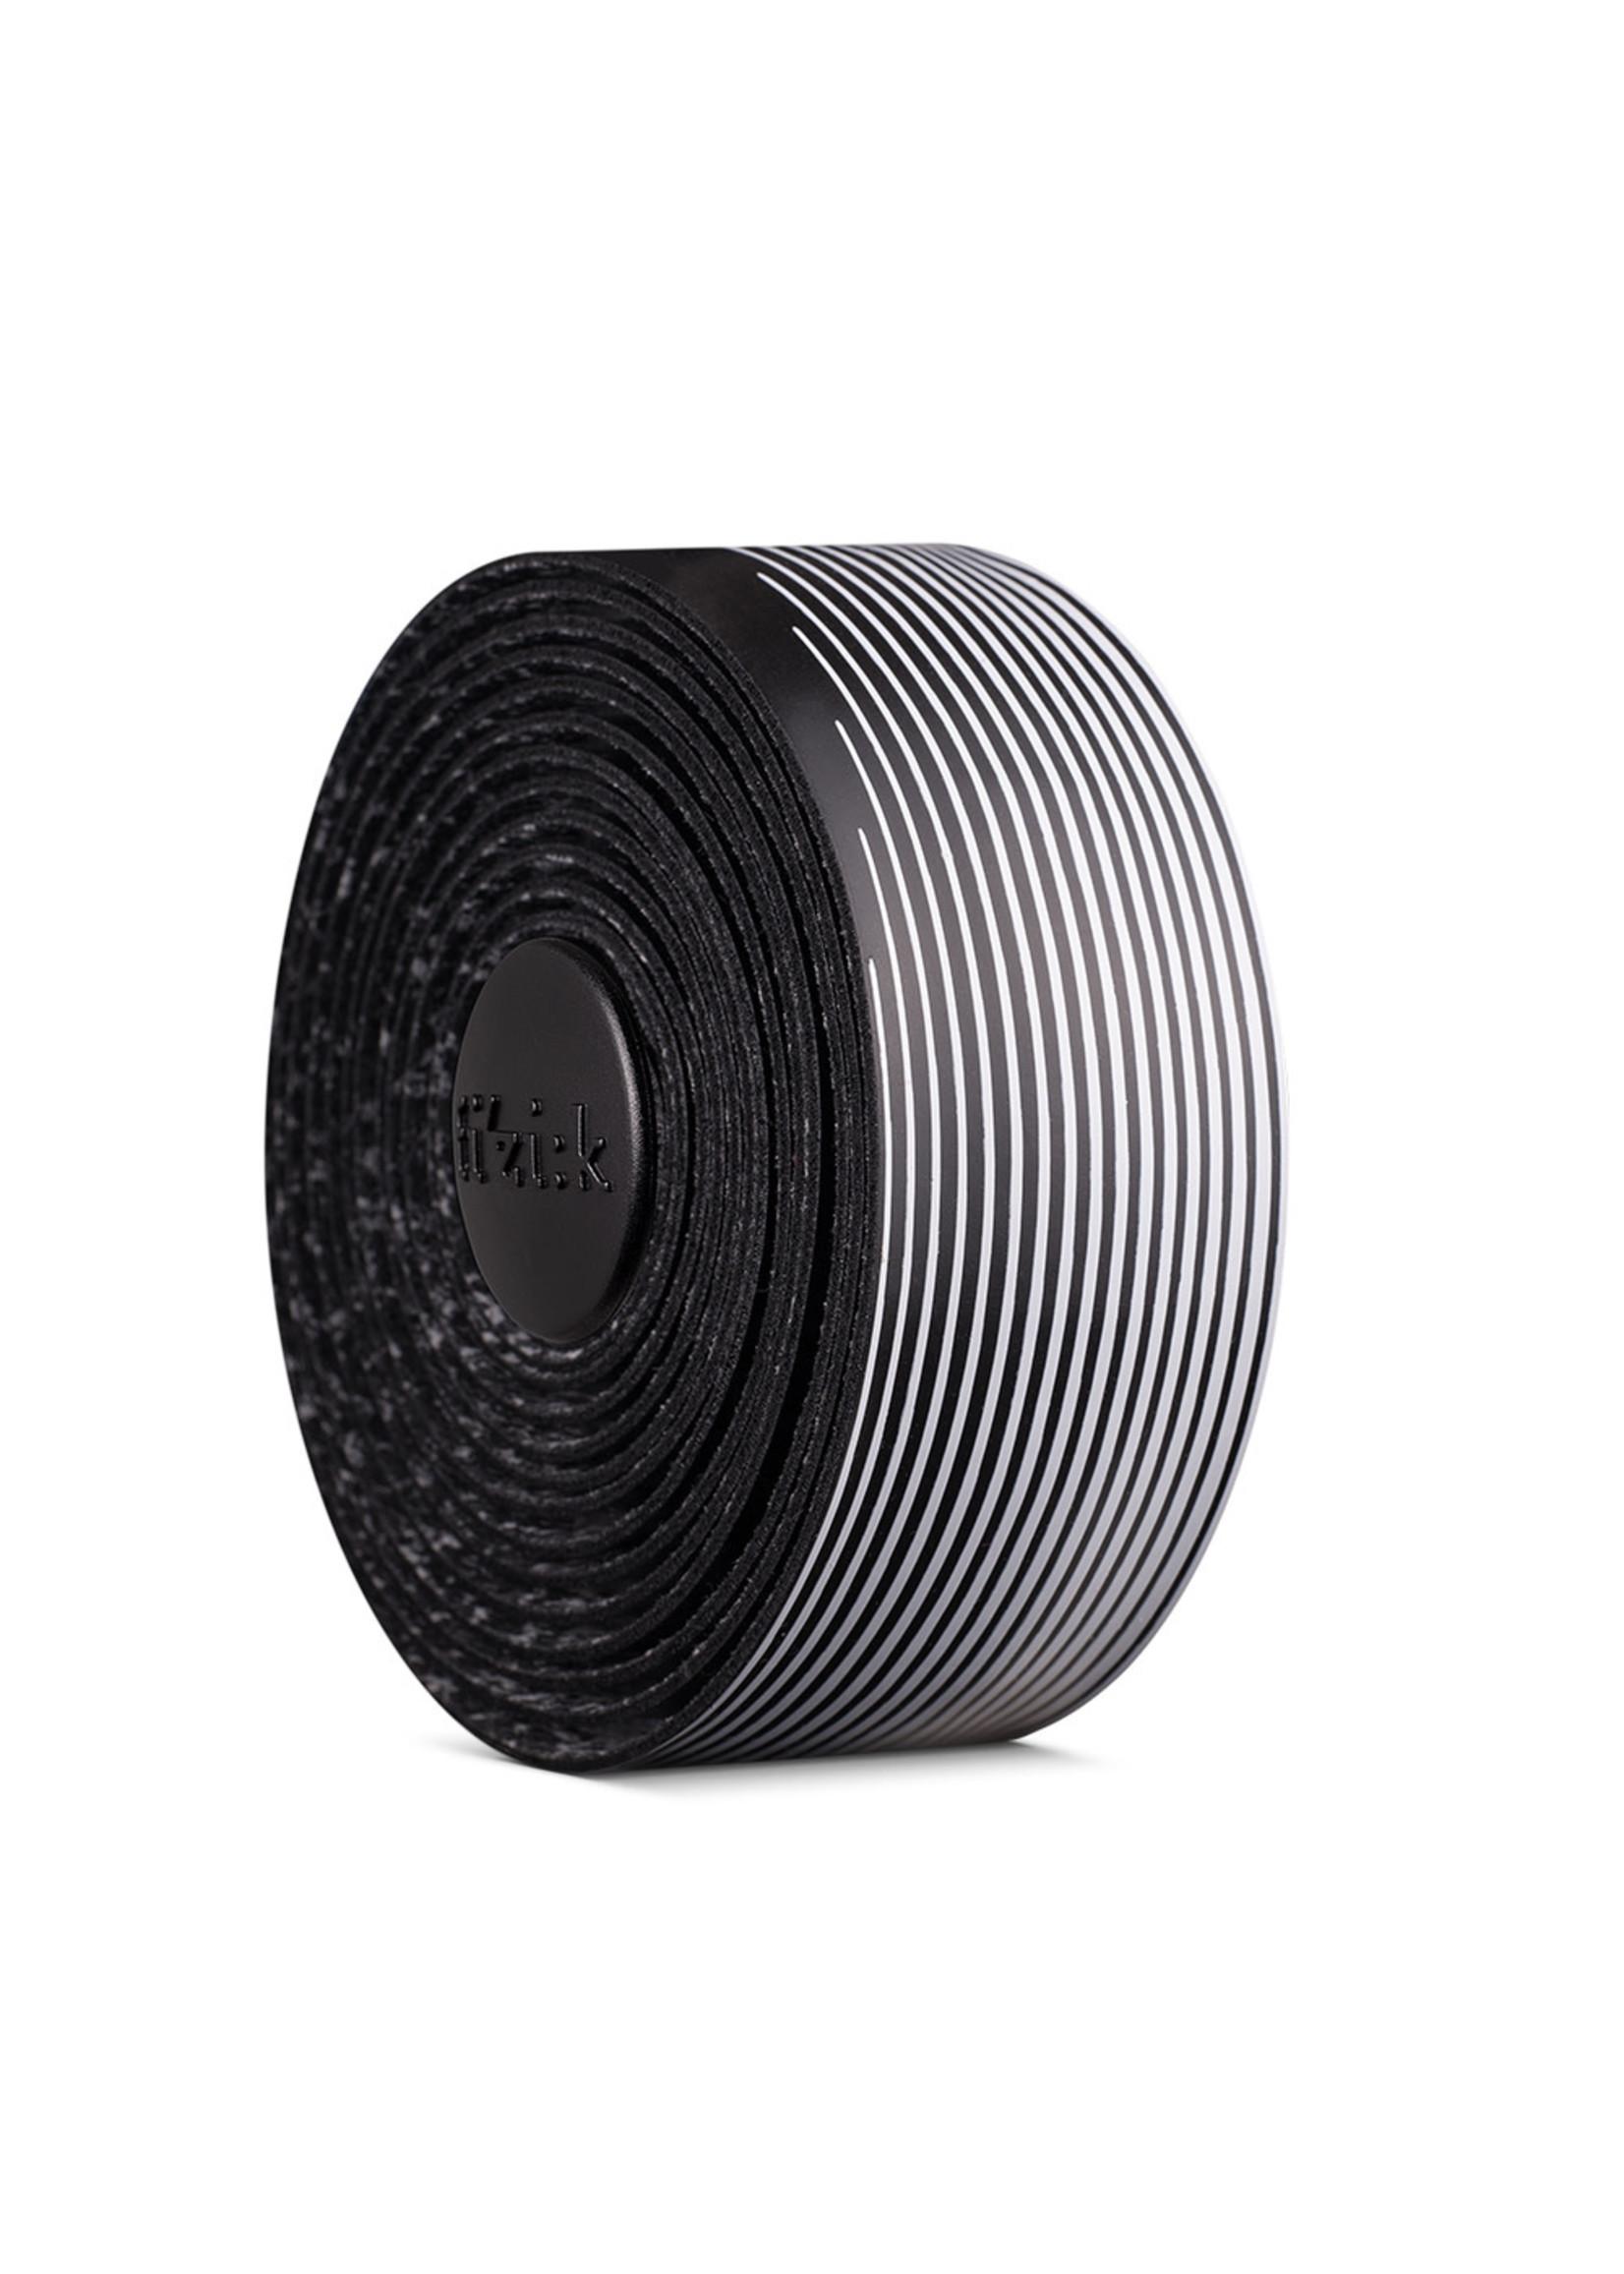 Fizik Fizik Vento - 2mm - Microtex - Tacky - BLACK / WHITE Bar tape